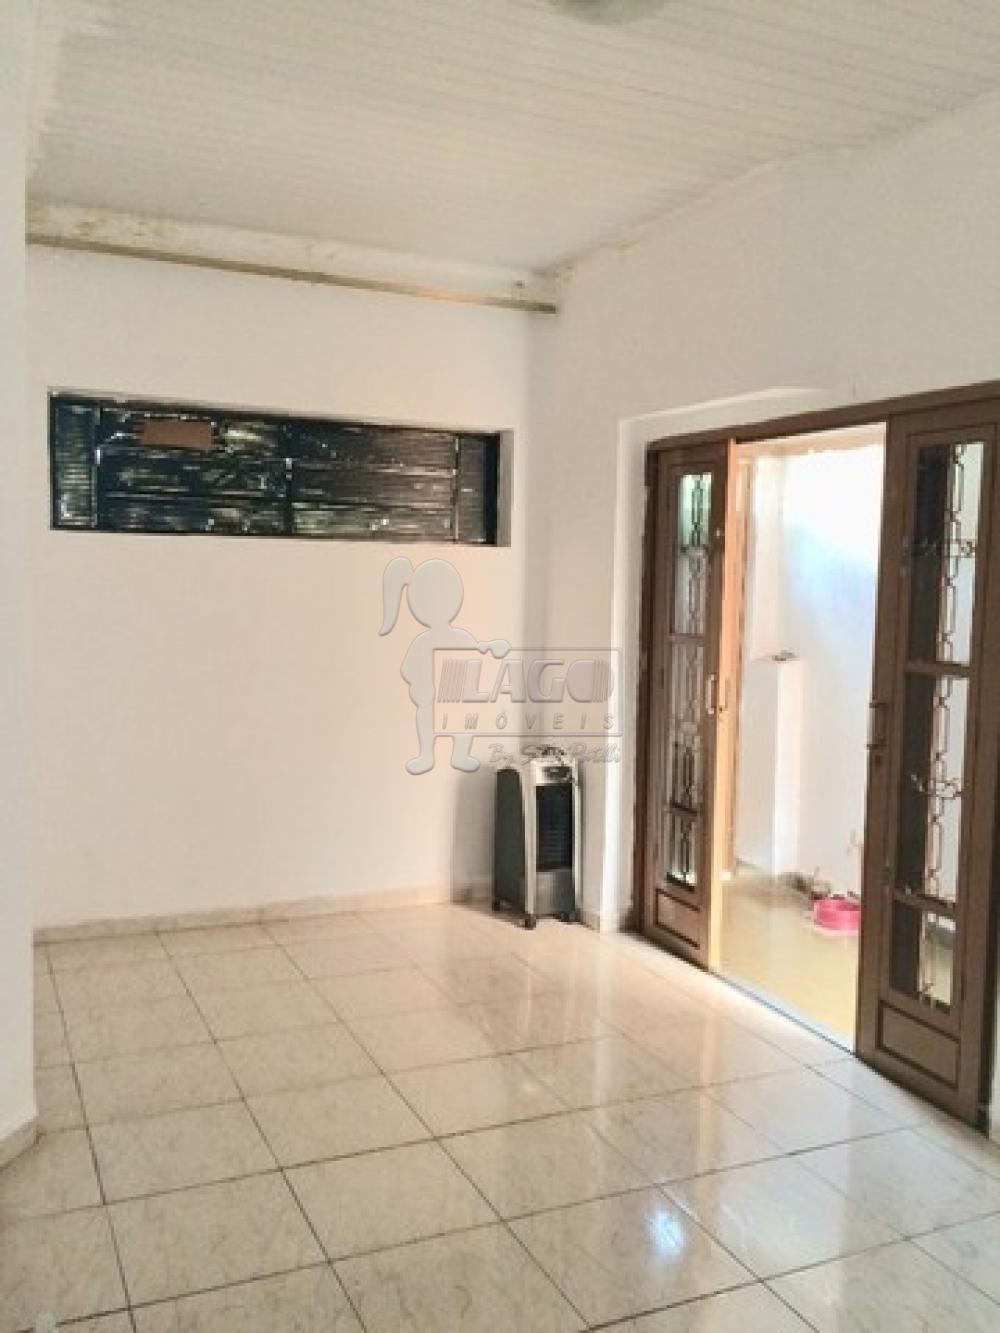 Comprar Casas / Padrão em Ribeirão Preto R$ 180.000,00 - Foto 2